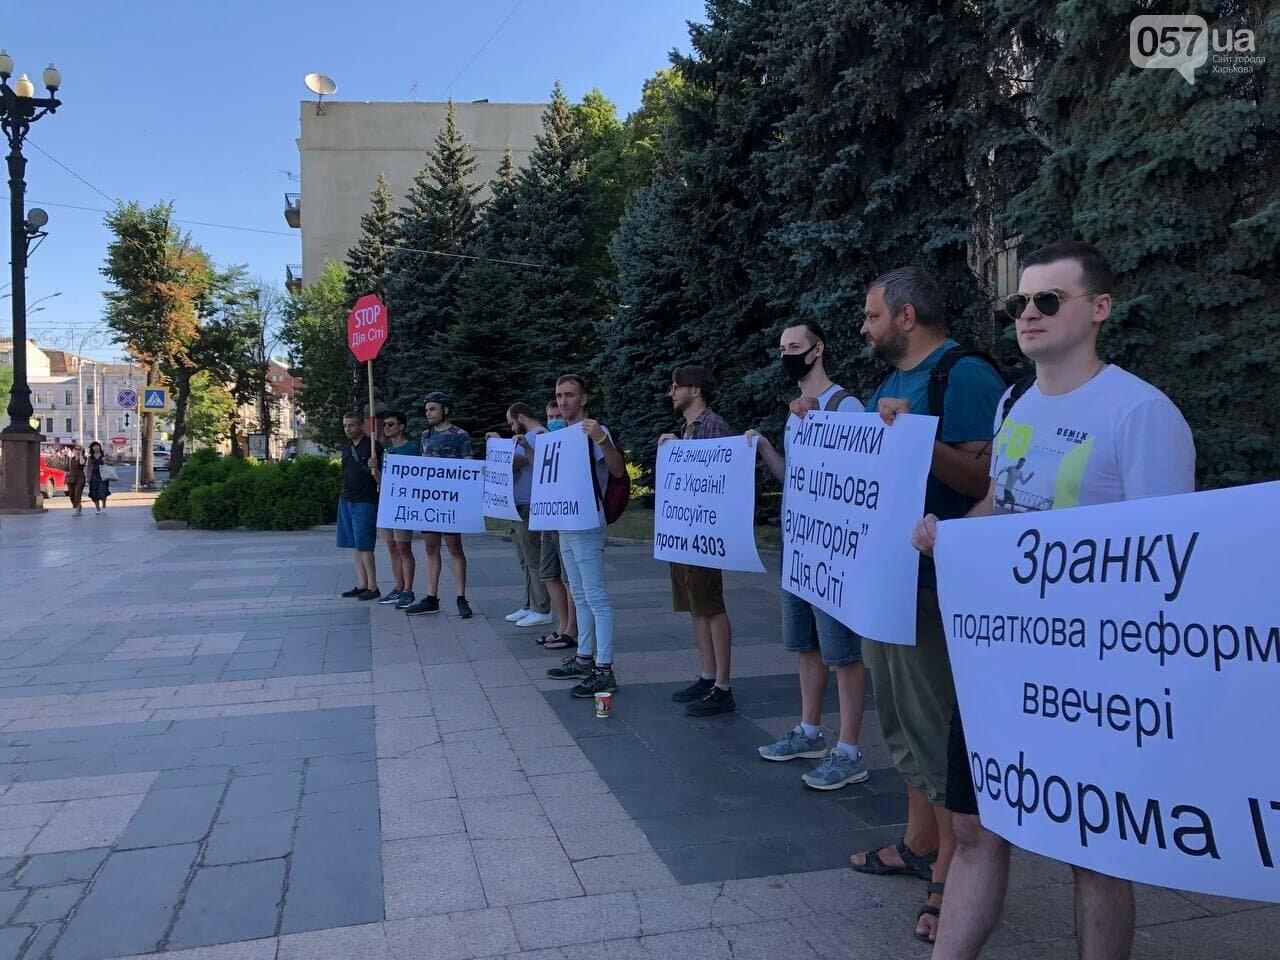 «Не уничтожайте IT в Украине»: в центре Харькова митинговали программисты, - ФОТОРЕПОРТАЖ, фото-6